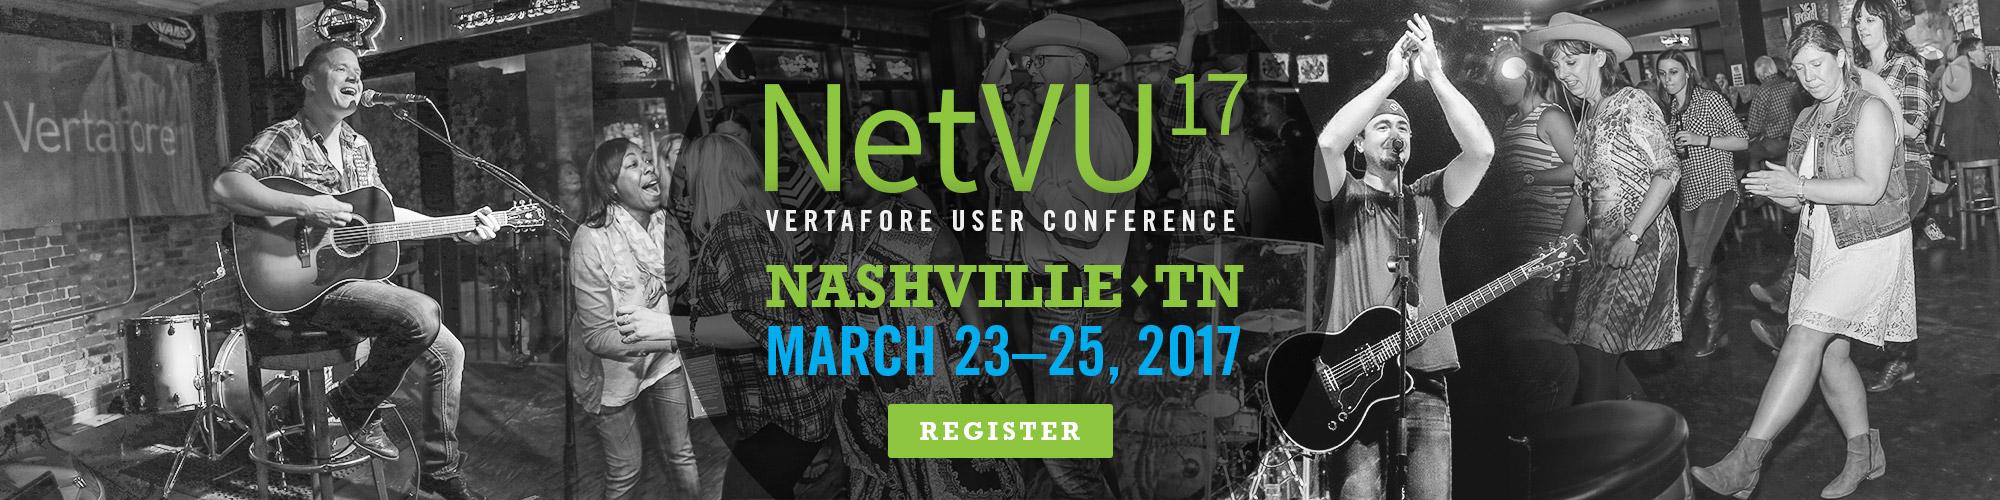 NetVU17